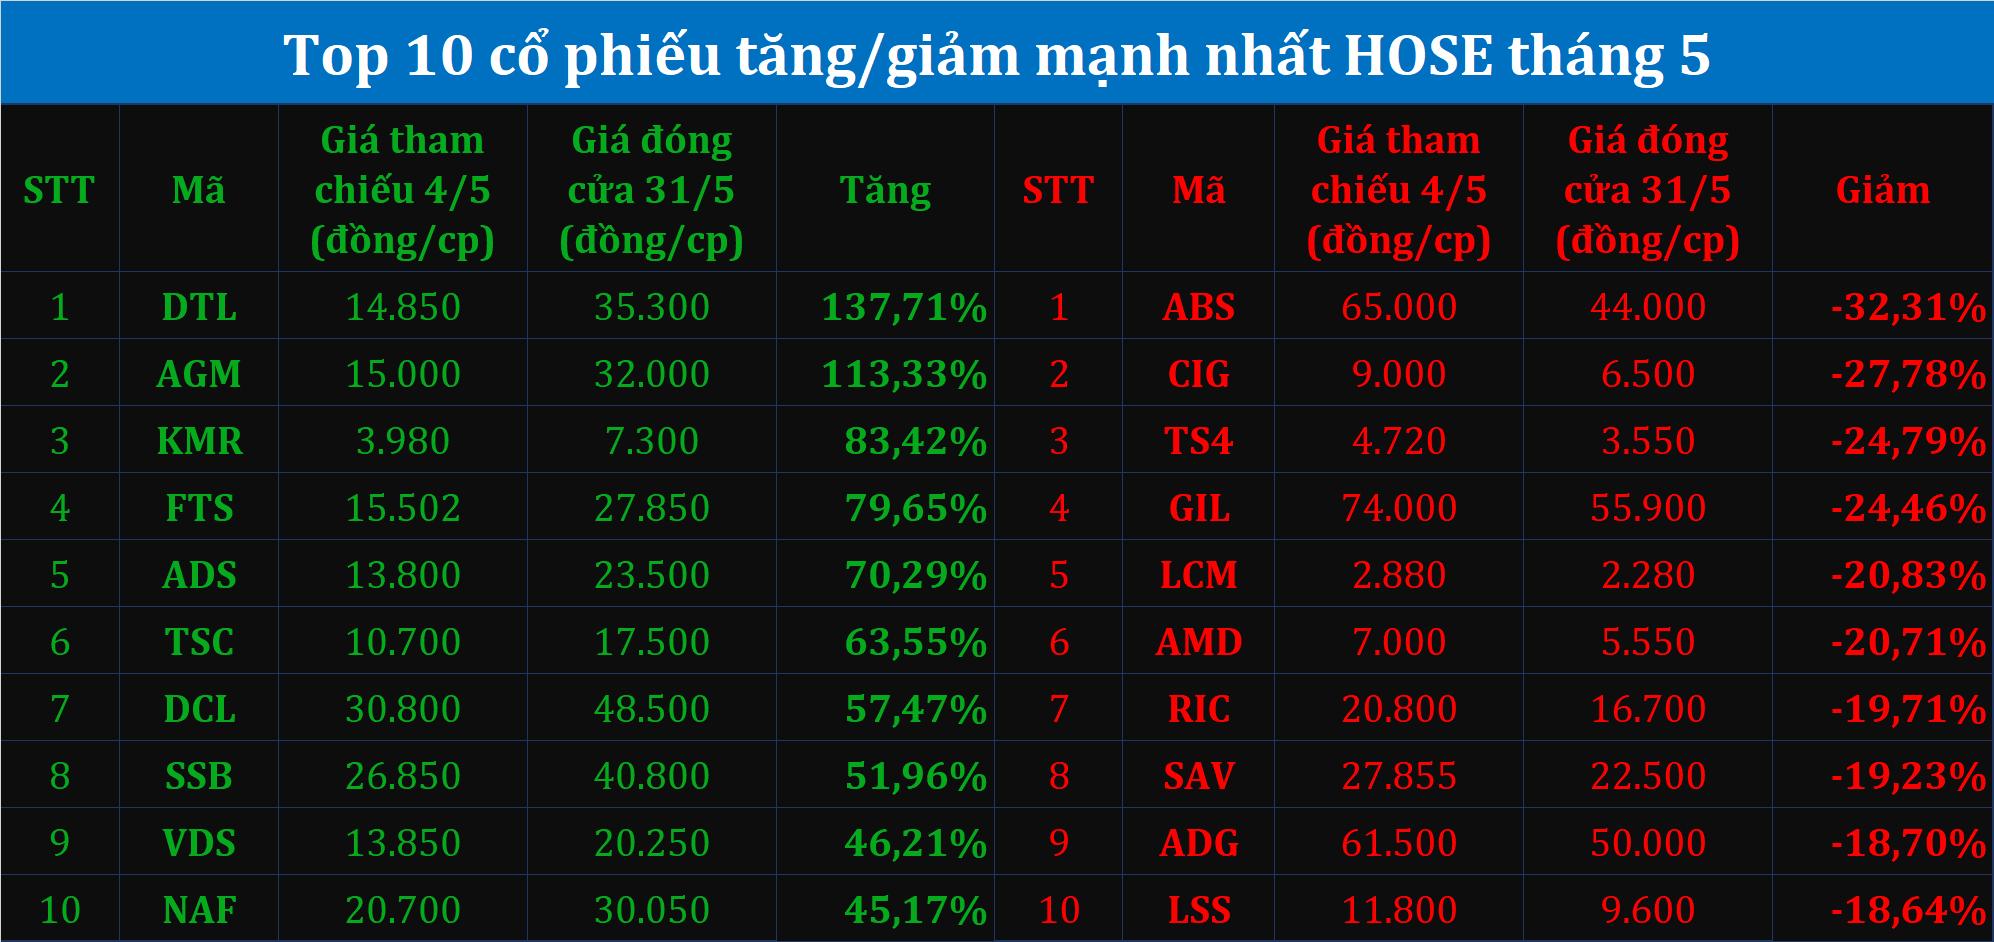 Những cổ phiếu tạo sóng trong tháng 5